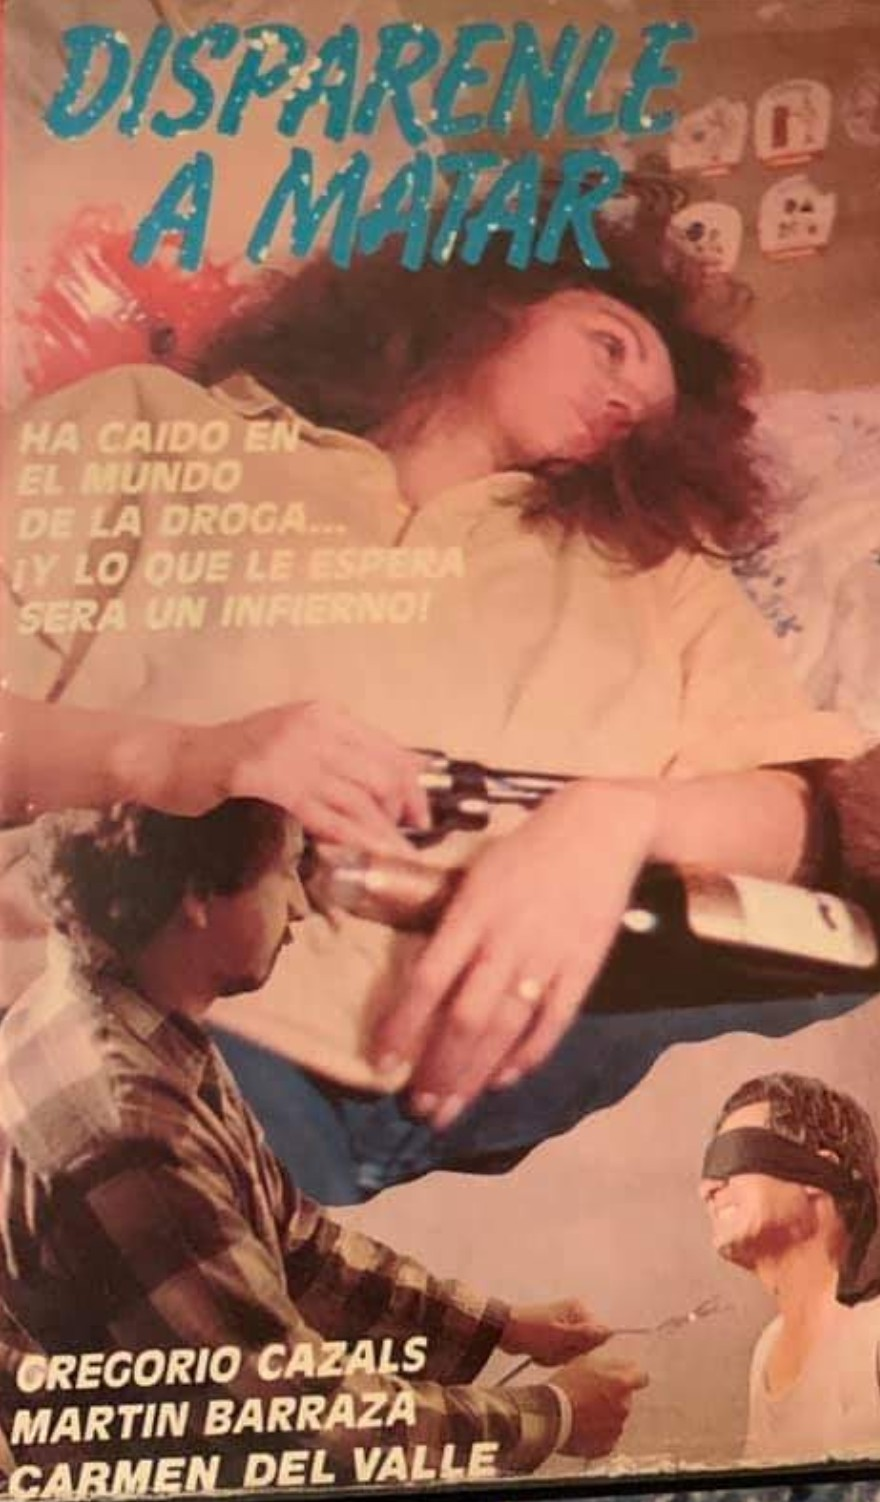 Dispárenle a matar ((1989))